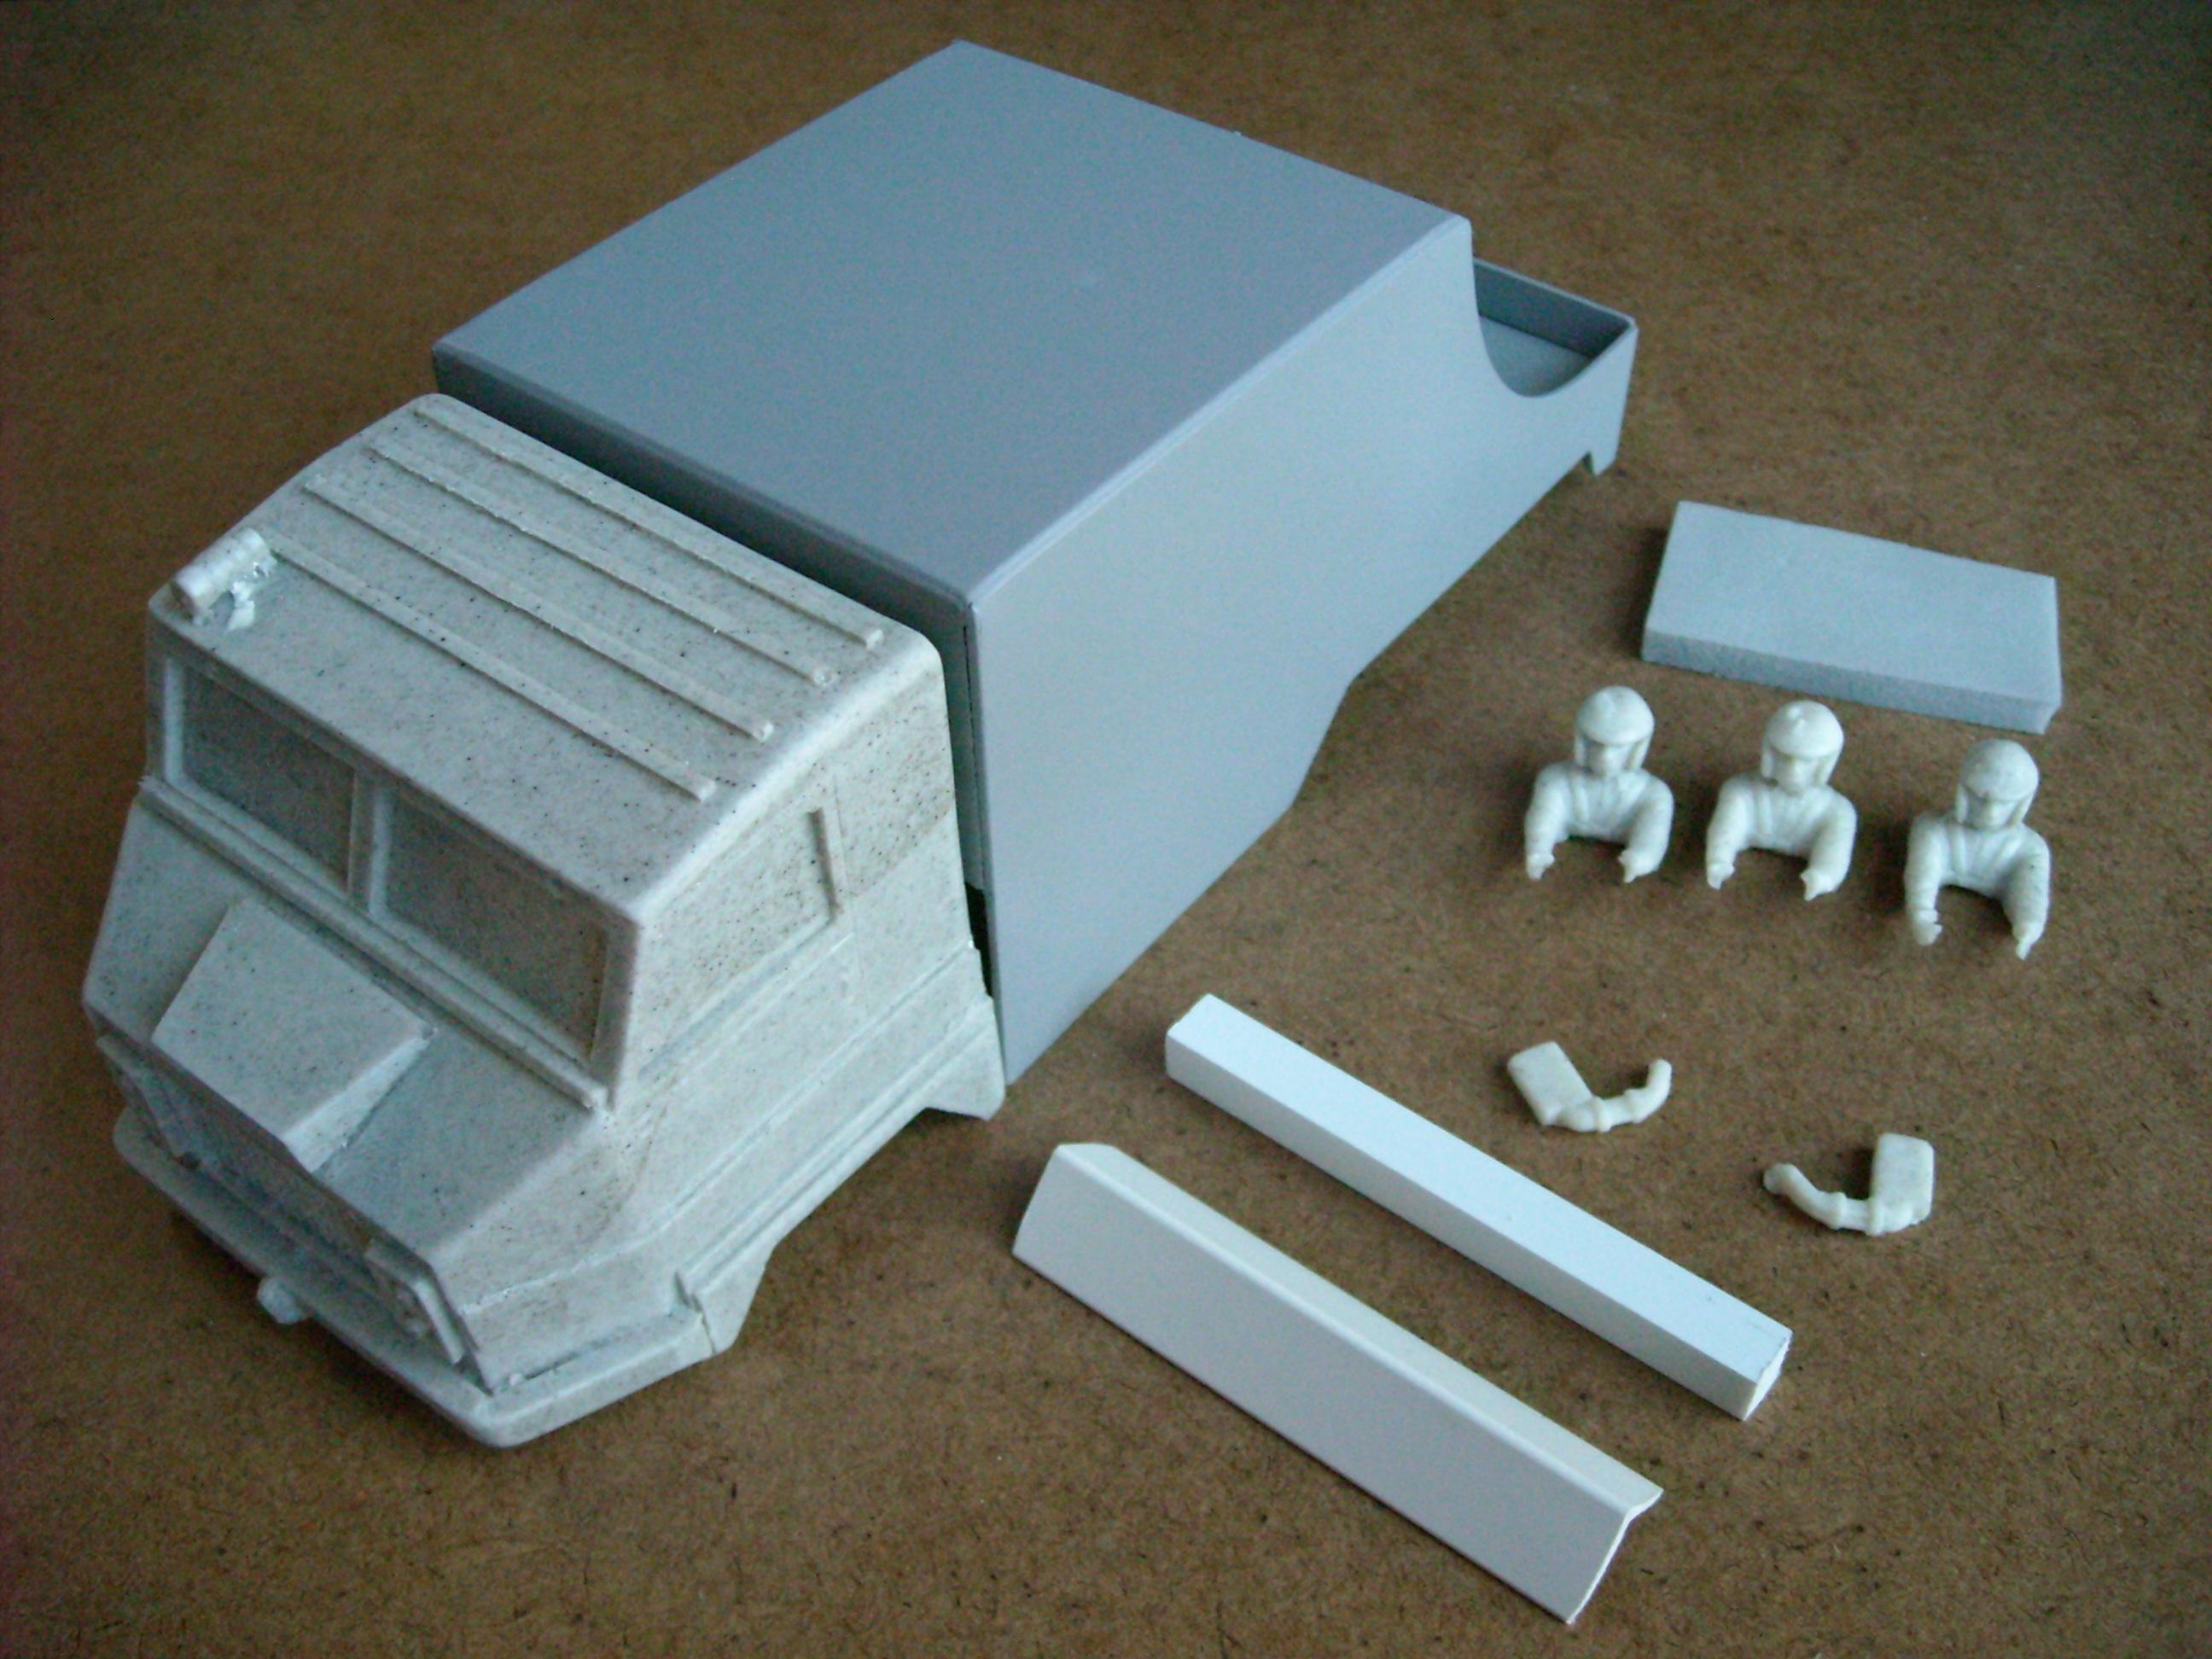 Pegaso psr 01 kit n 1 cabina caja productos m s slot for Kit di cabina e cottage